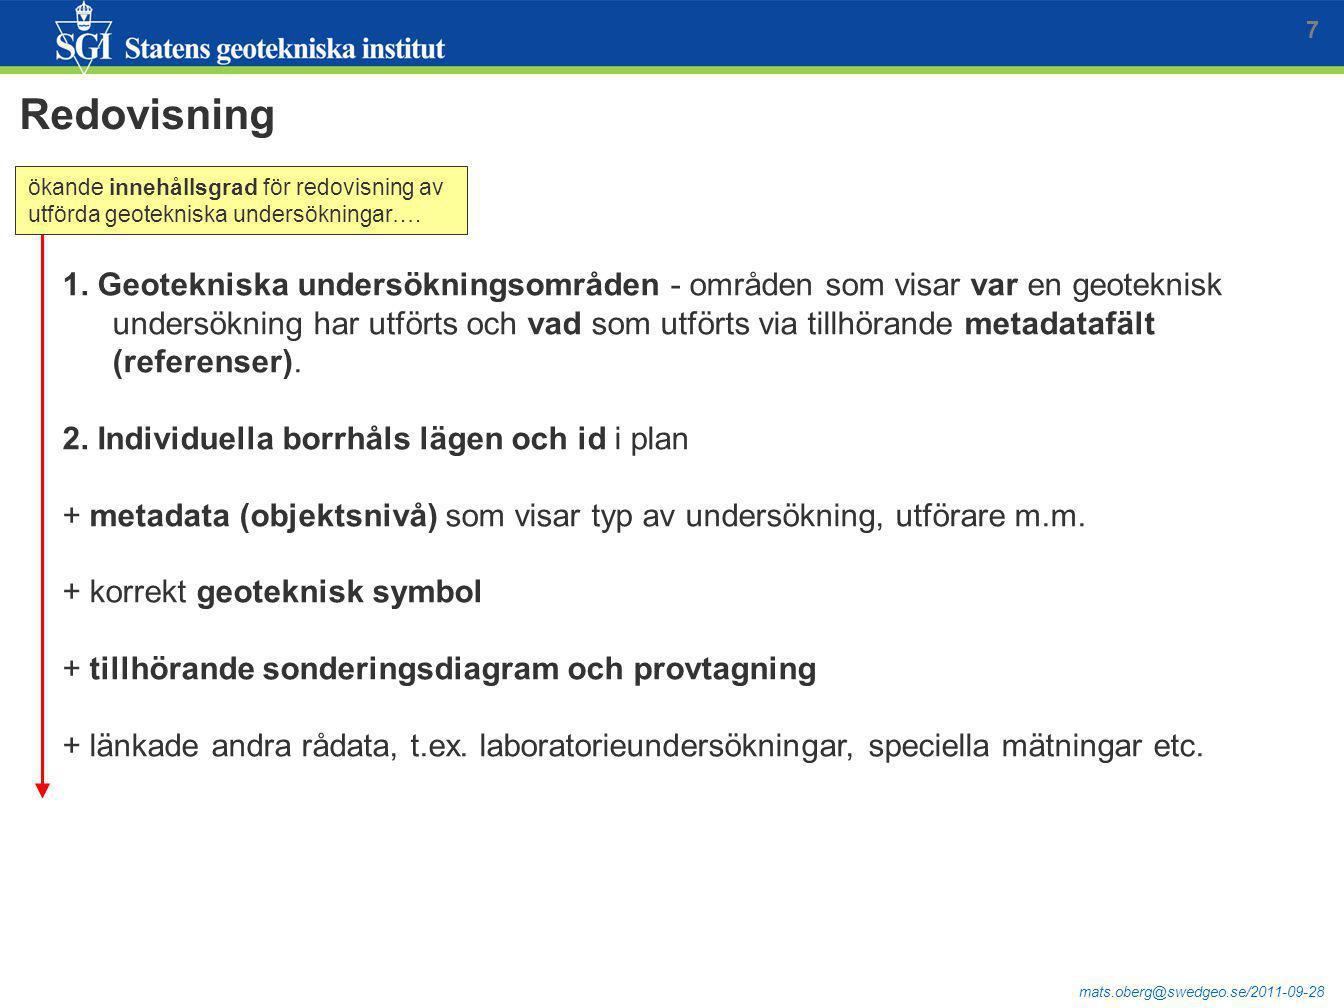 mats.oberg@swedgeo.se/2011-09-28 Redovisning 7 1. Geotekniska undersökningsområden - områden som visar var en geoteknisk undersökning har utförts och